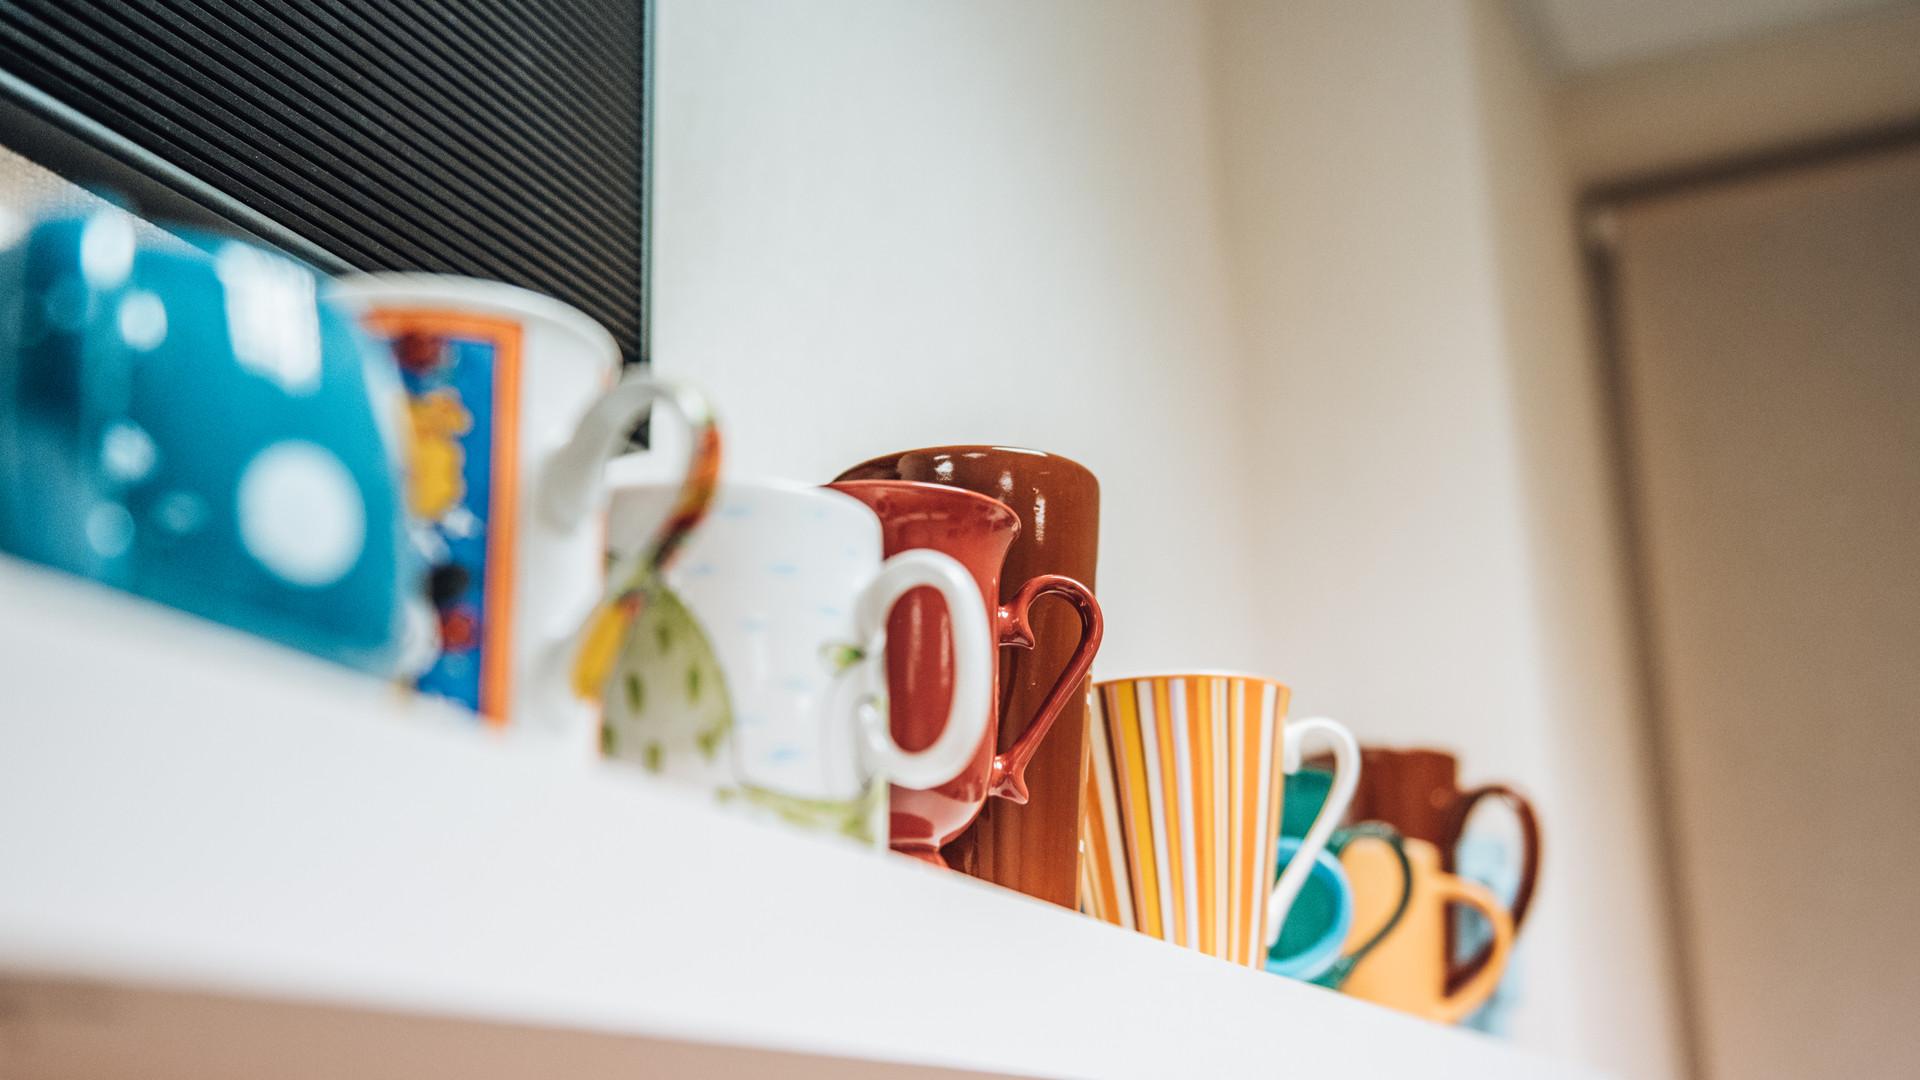 KLS mugs and cups